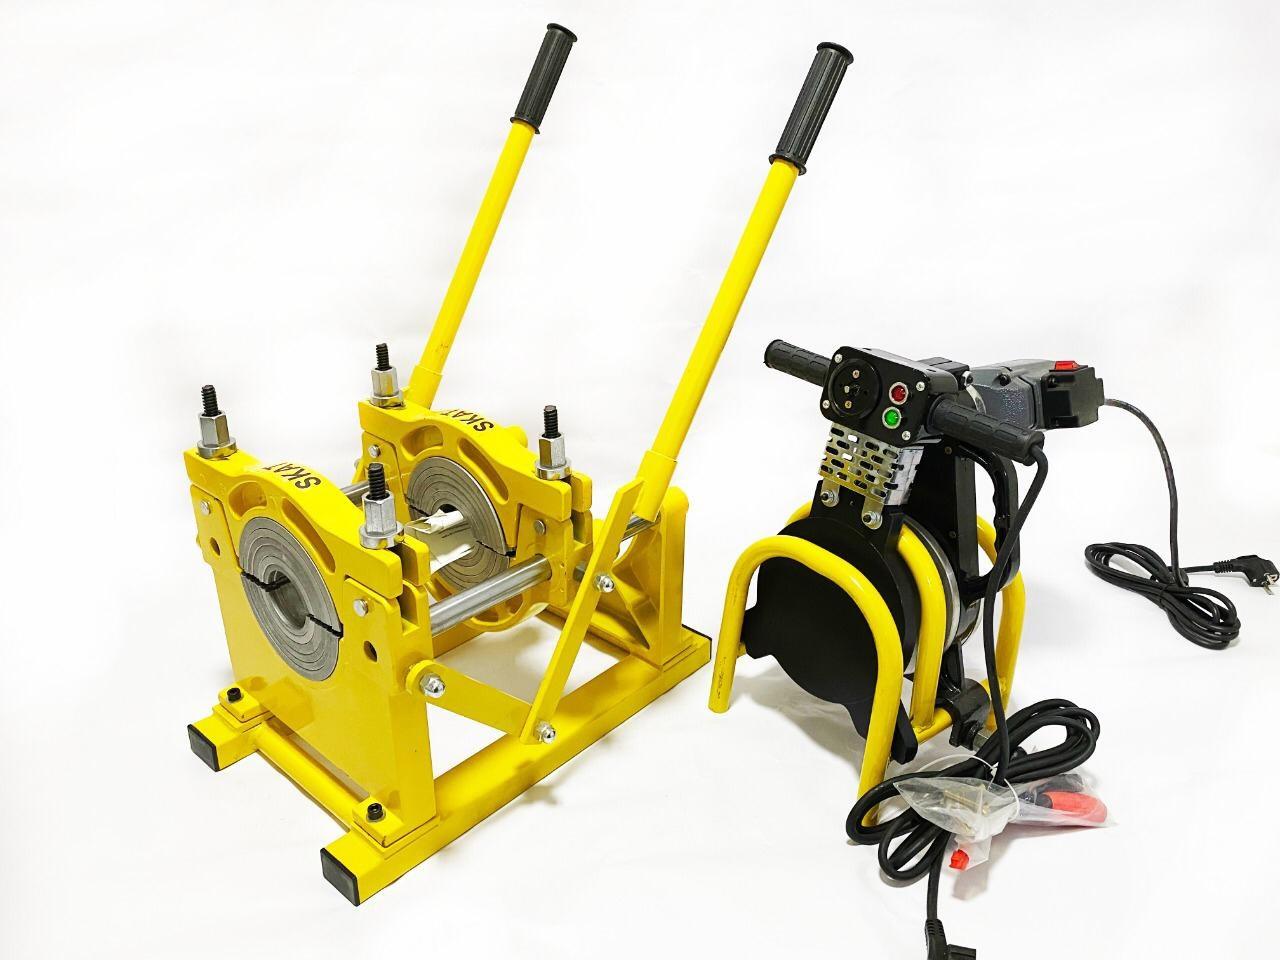 SKAT 63-200мм с 2мя держателями рычаговый, механический сварочный аппарат для стыковой пайки ПП труб